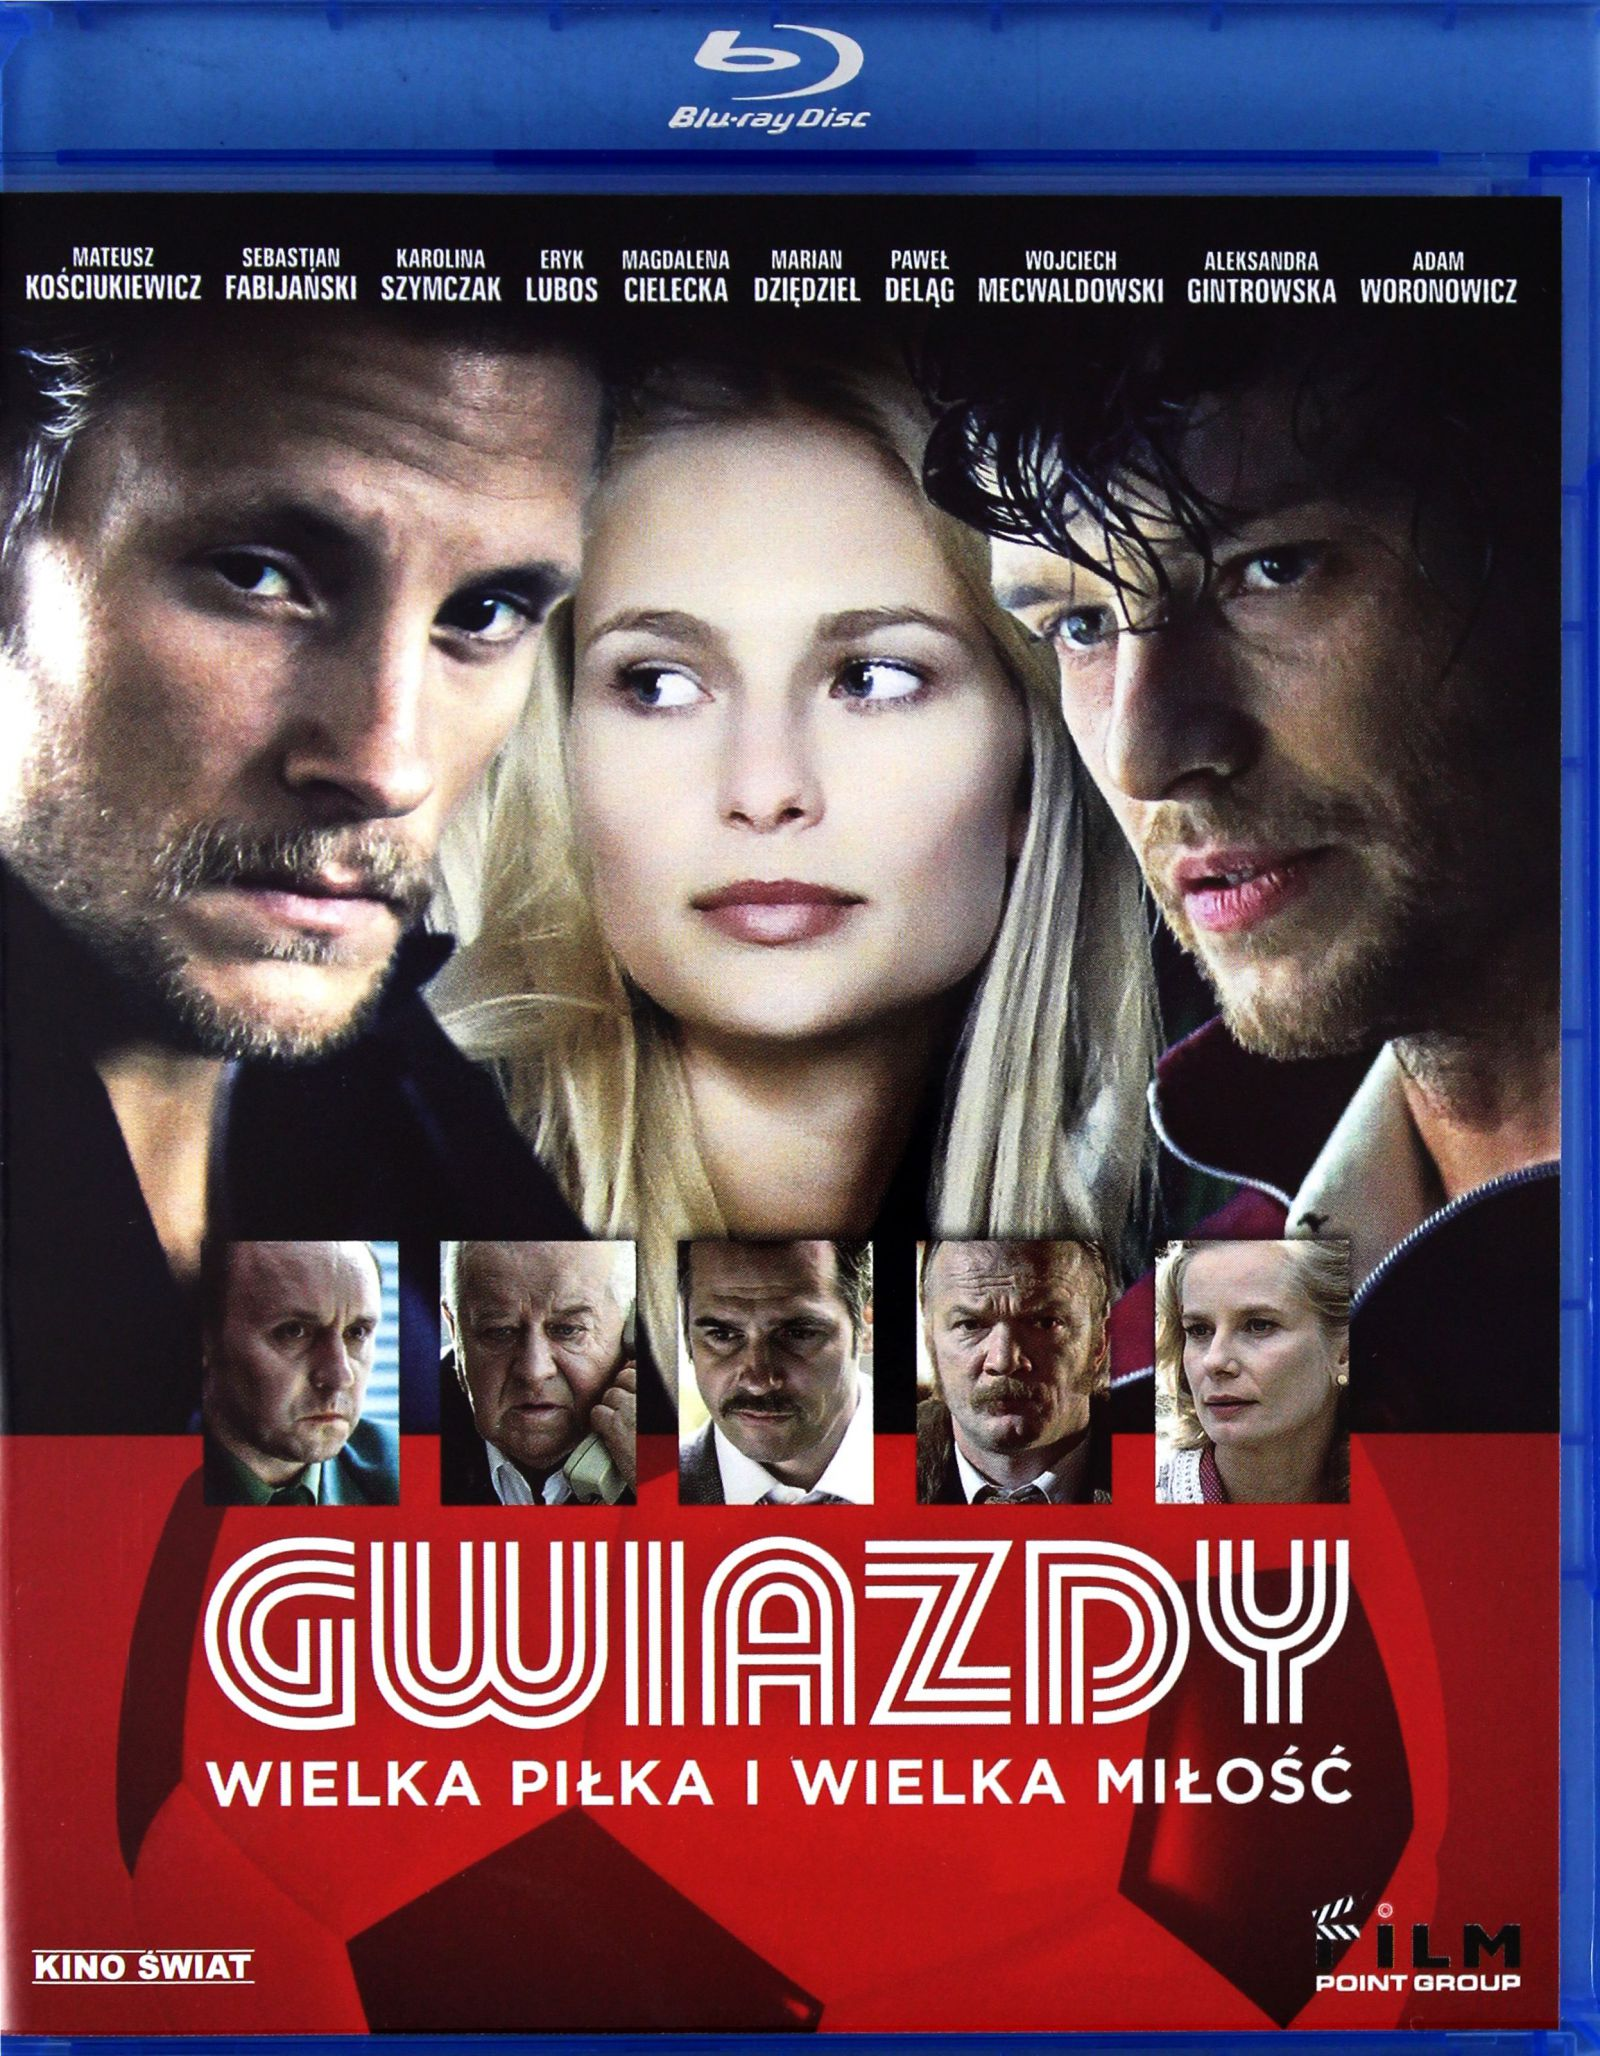 GWIAZDY (reż. Jan KIDAWA-BŁOŃSKI) BLU-RAY